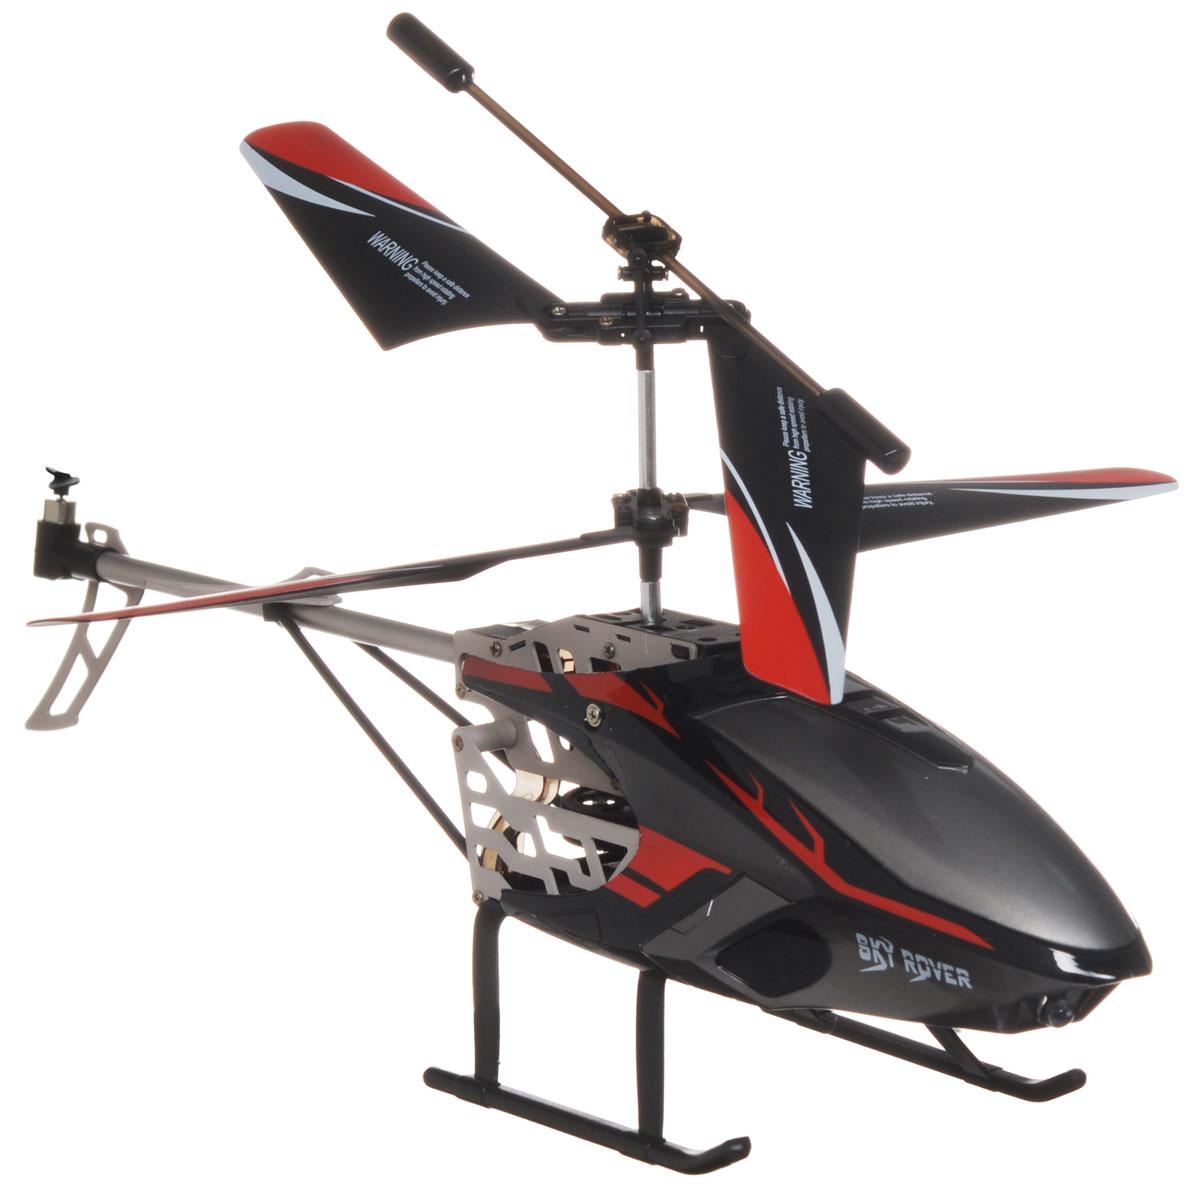 Auldey Вертолет на радиоуправлении Swift 3.0 цвет черный красный